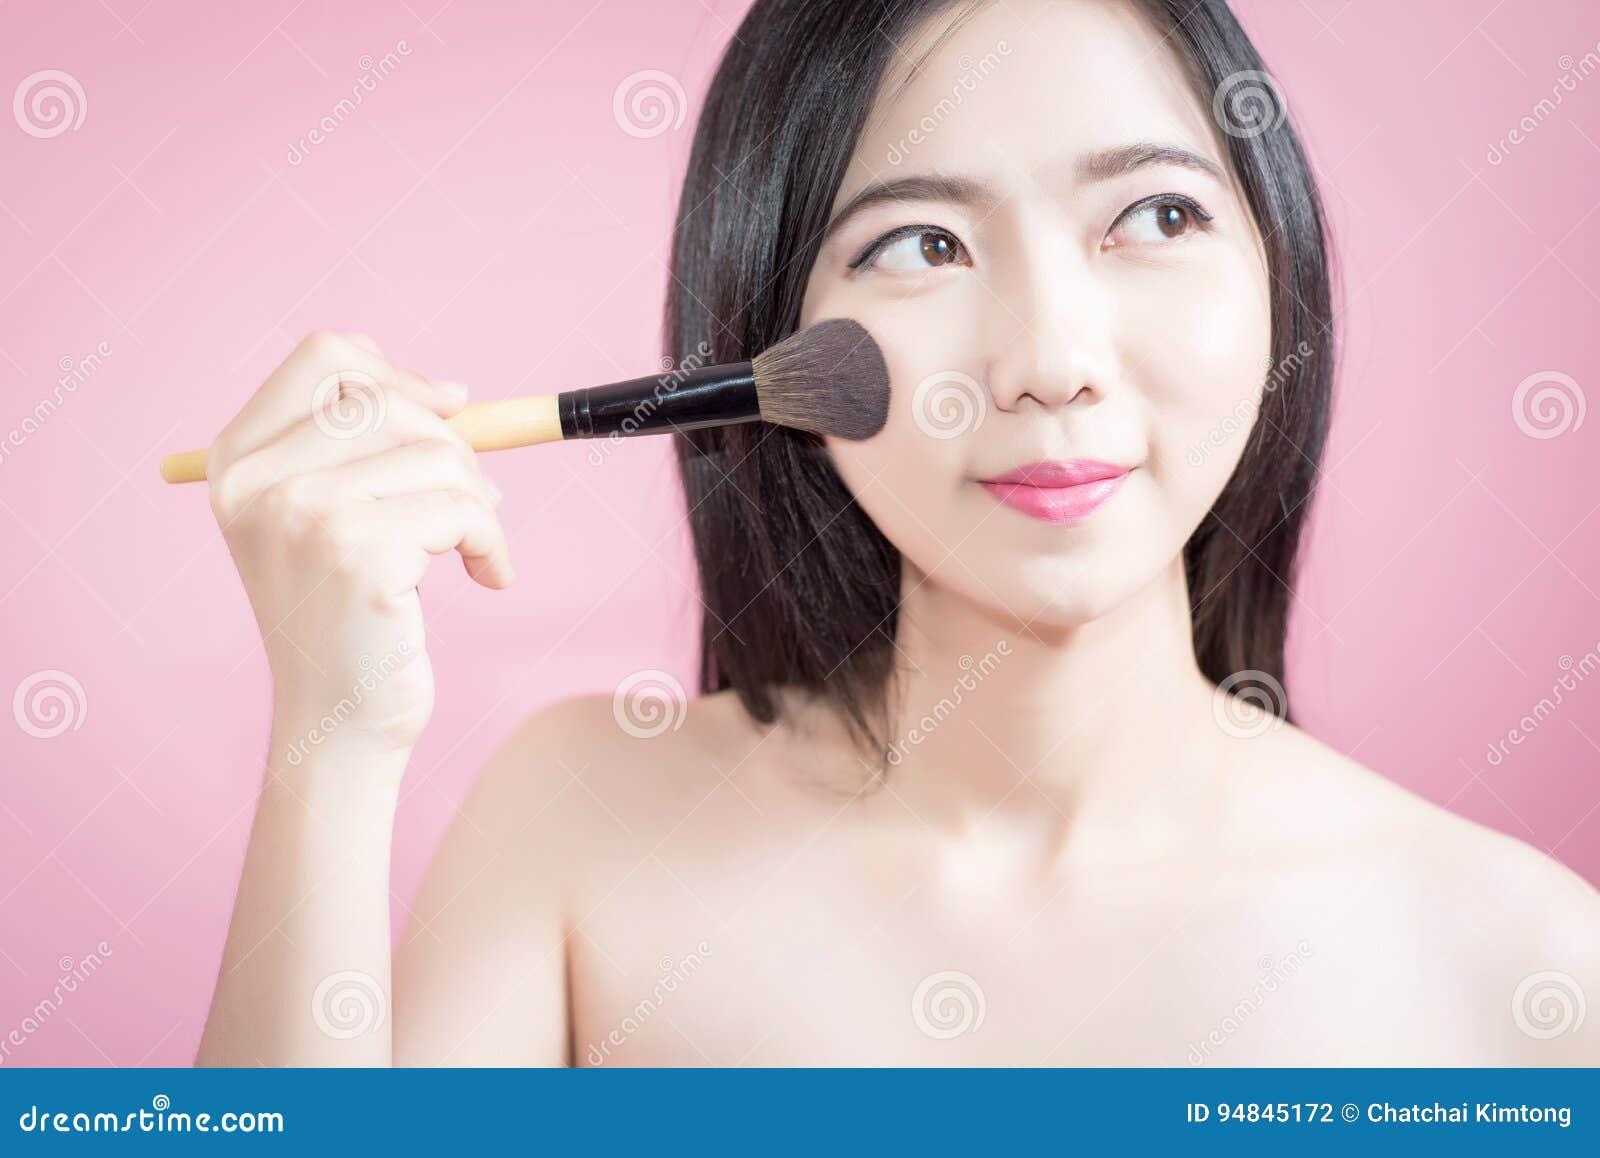 Donna asiatica dei capelli lunghi giovane bella che applica la spazzola cosmetica della polvere sul fronte liscio isolato sopra f